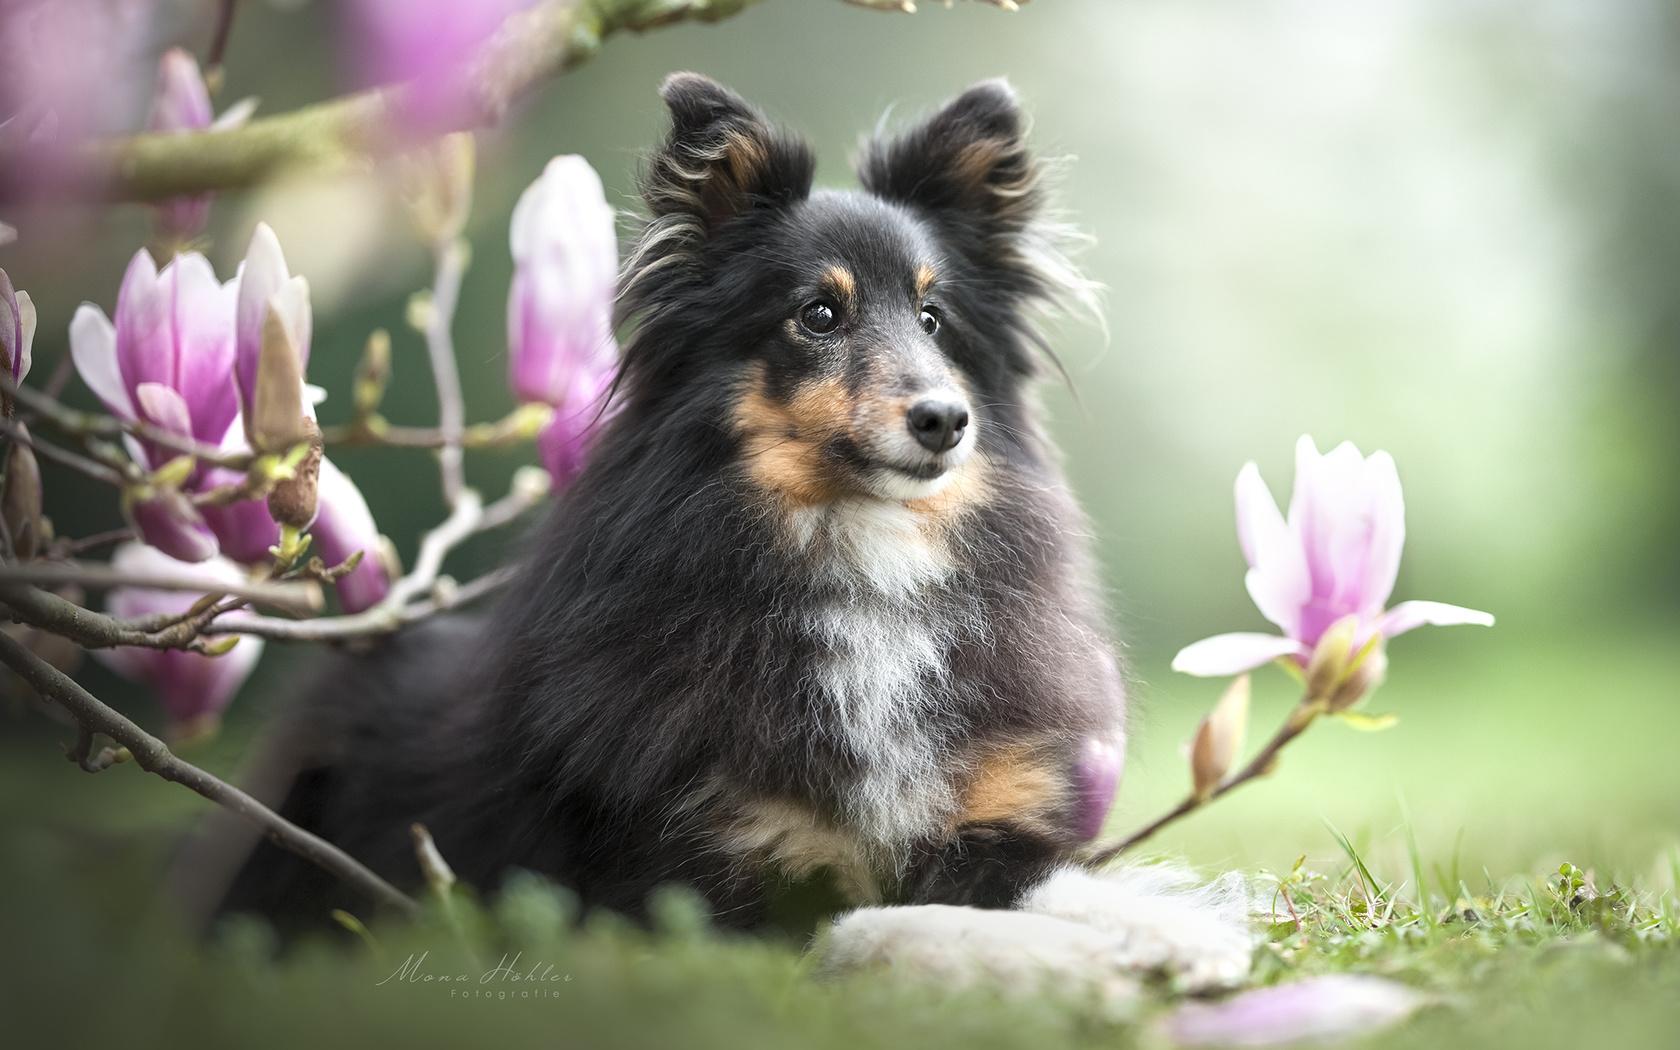 животное, собака, пёс, шелти, природа, ветки, цветки, магнолия